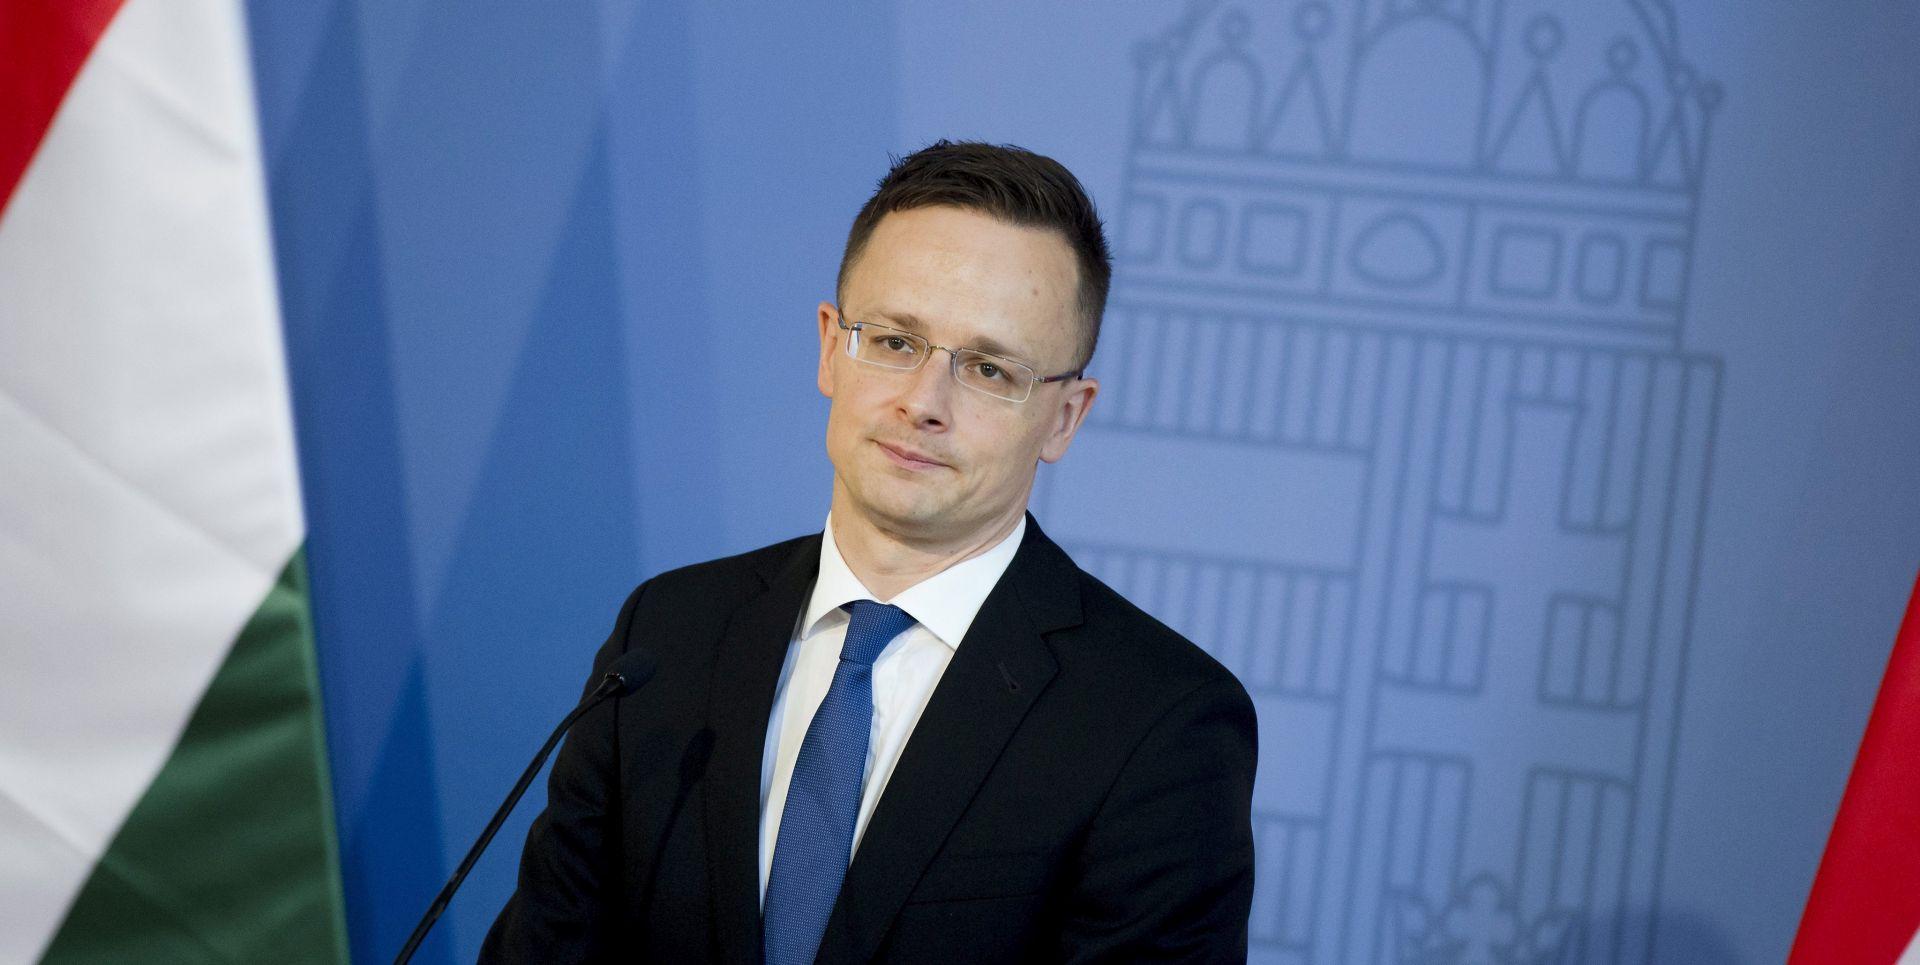 Szijjarto: Austrijski predsjednik svrstao se uz Sorosa i migrante